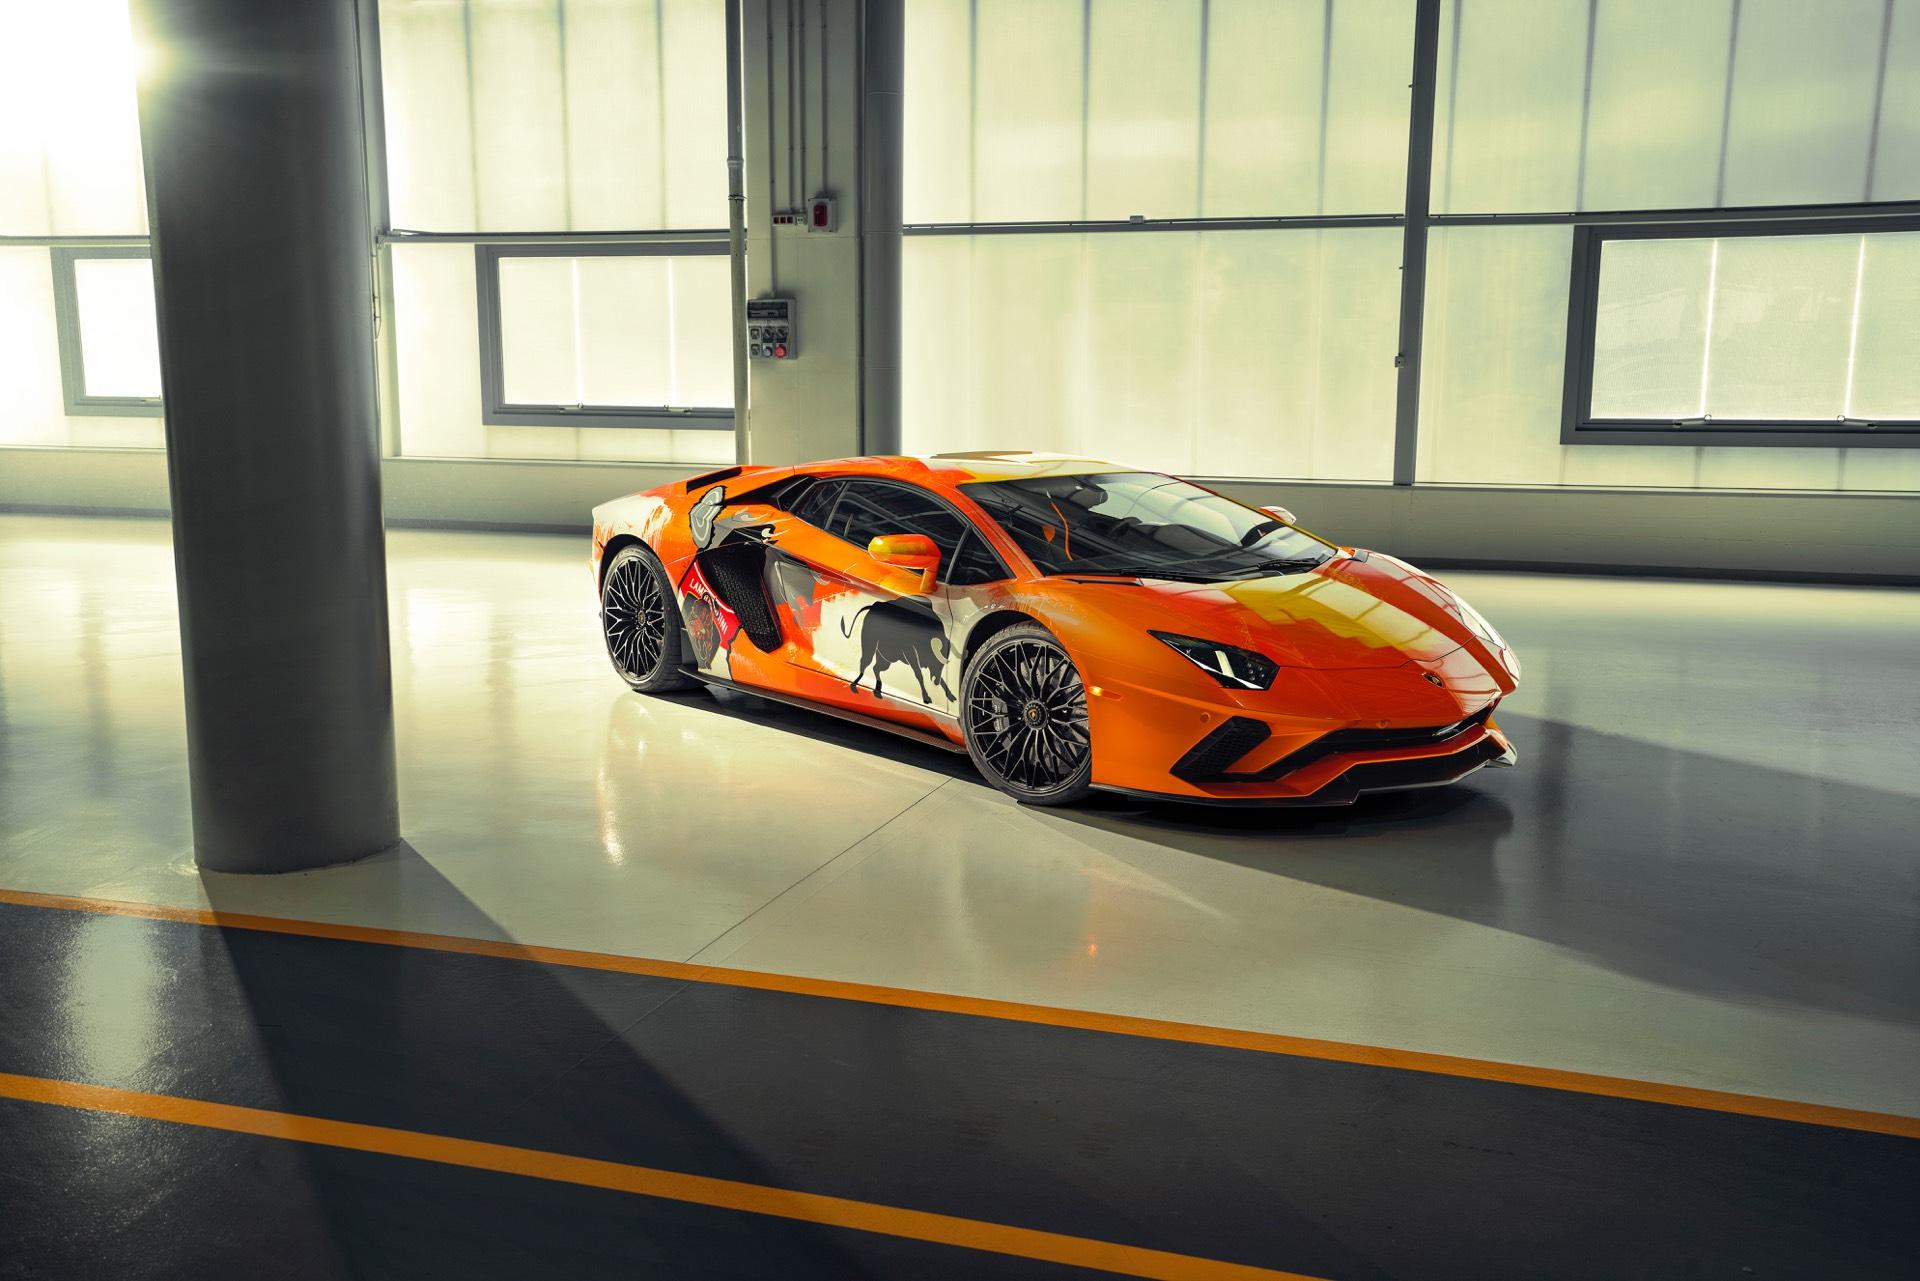 Skyler-Grey-Lamborghini-Aventador-S-Art-Car21